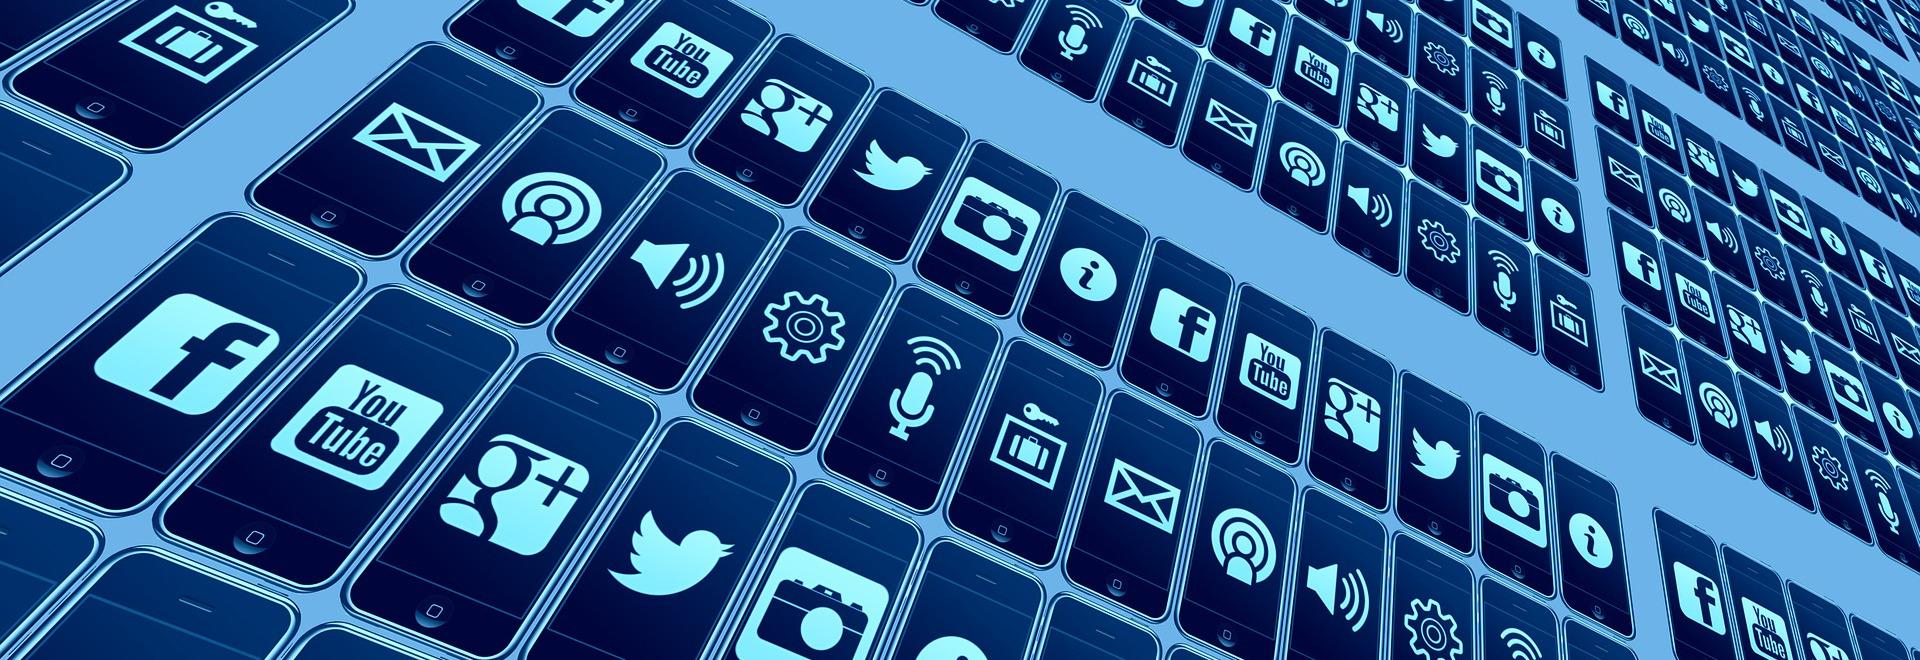 ИТ платформи Морков или тояга трябват на големите ИТ платформи? А1 Блог